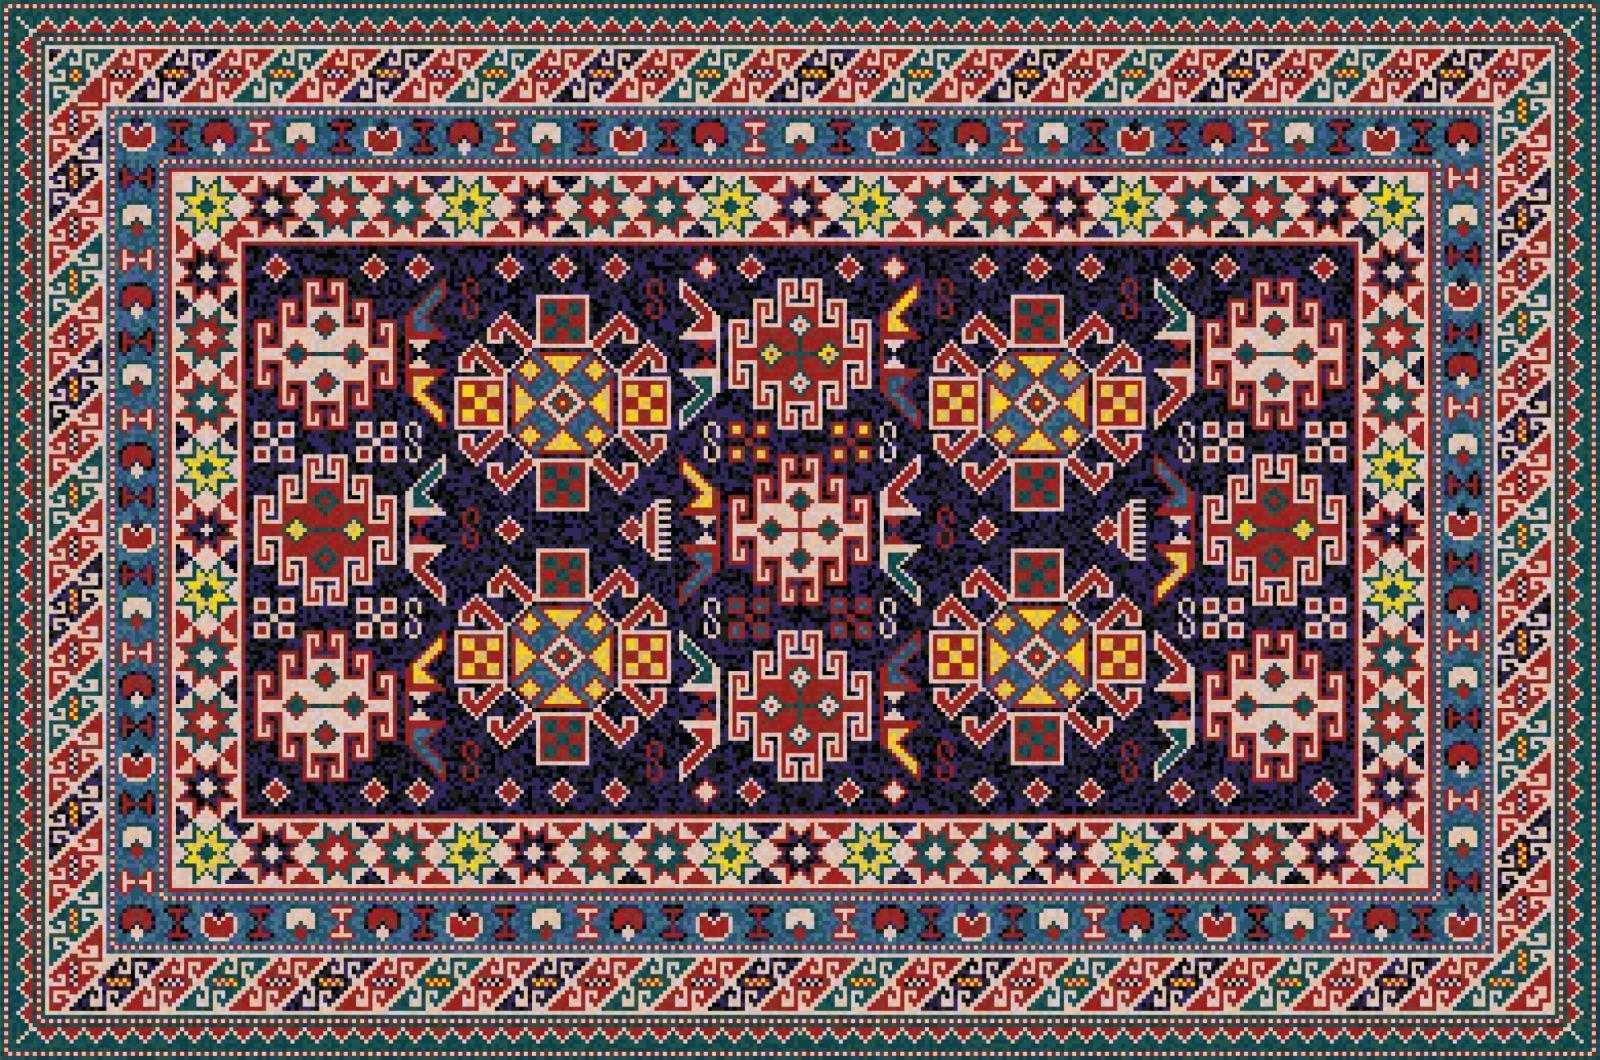 Tappeto multicolori con motivi geometrici. Sottolinea i blu e bianco